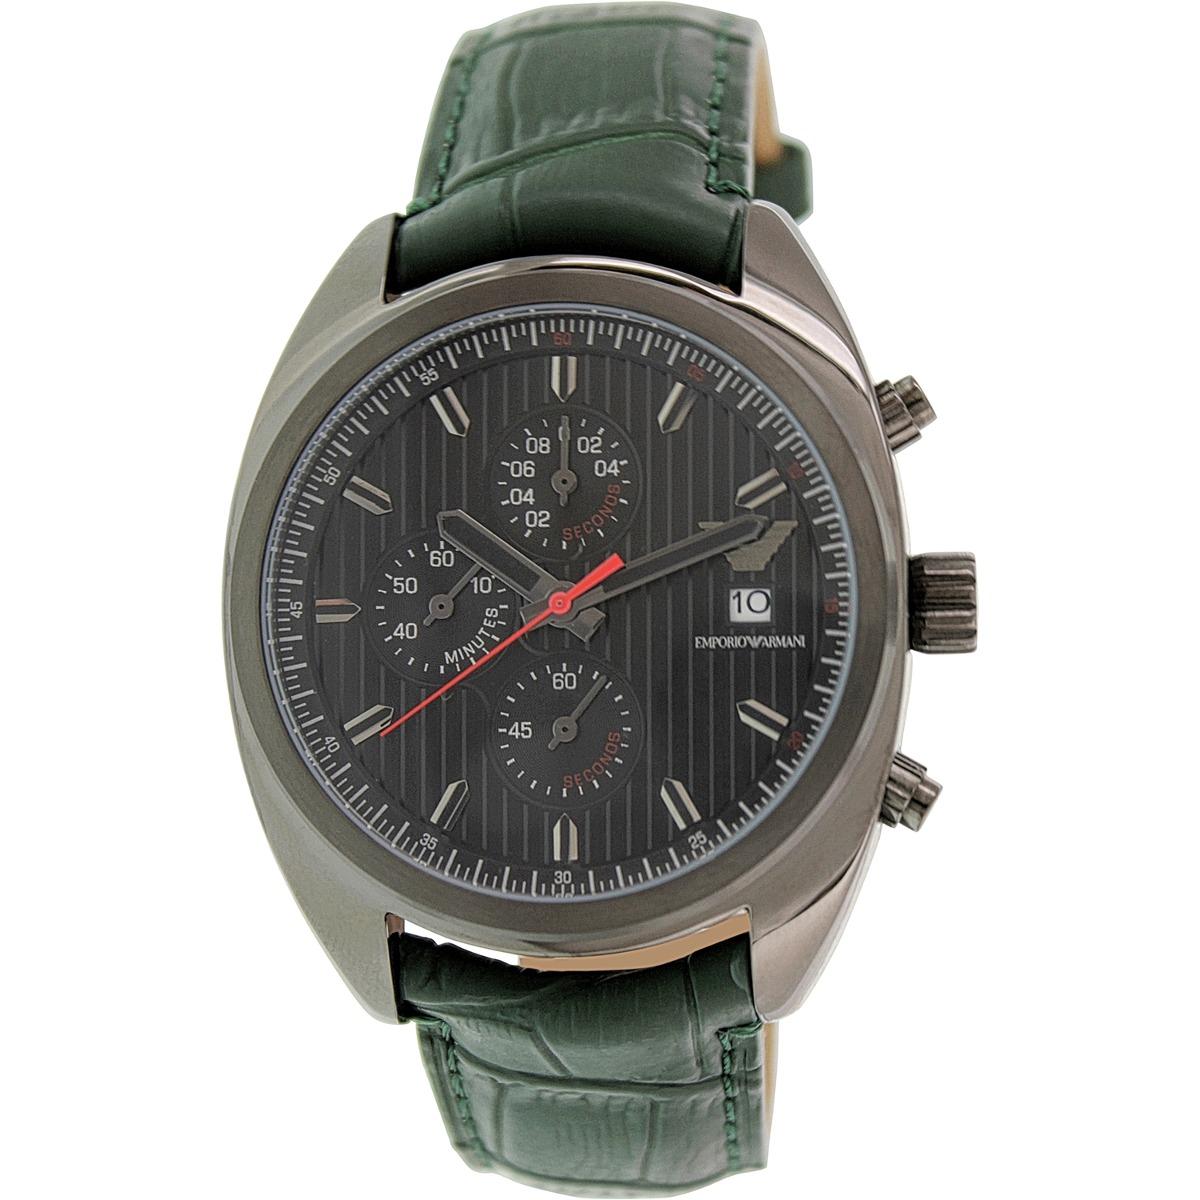 42480d5c0ab1 Reloj Emporio Armani Para Hombre Ar5936 Deportivo Con -   14.835